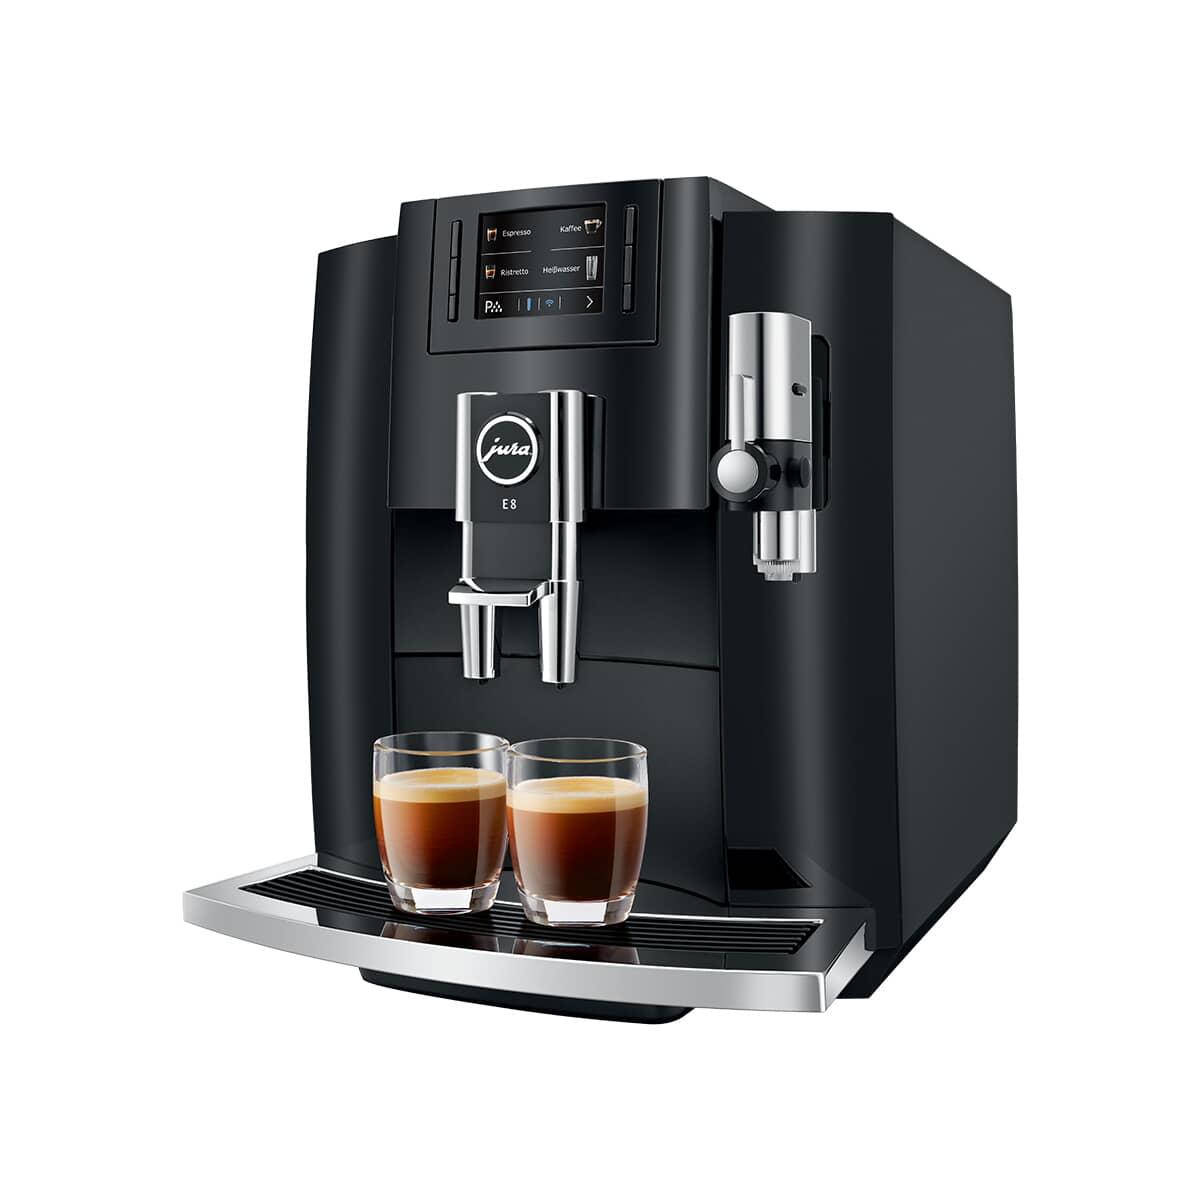 Jura E8 Coffee Machine Piano Black